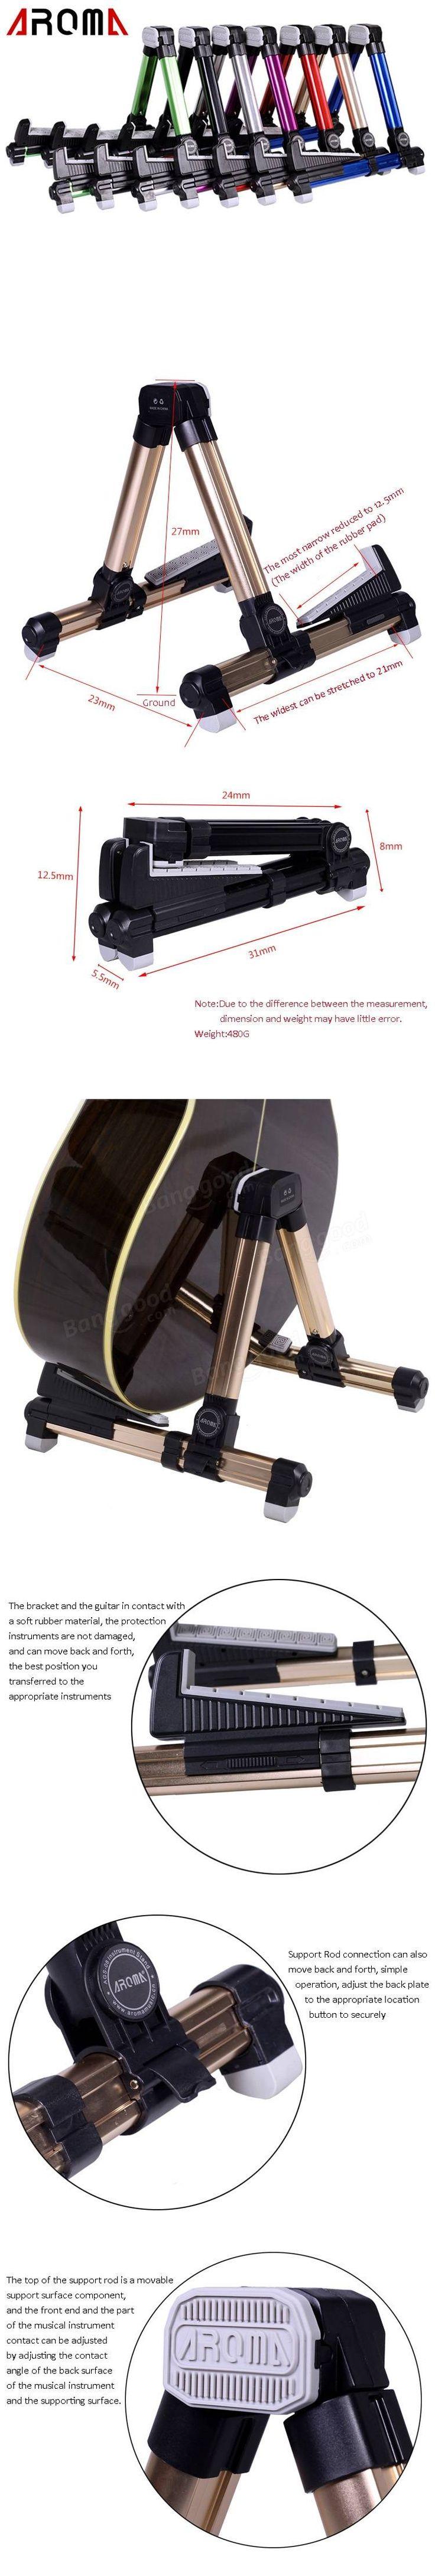 Aroma AGS-08 Foldable Metal Stand For Guitar Sale - Banggood.com